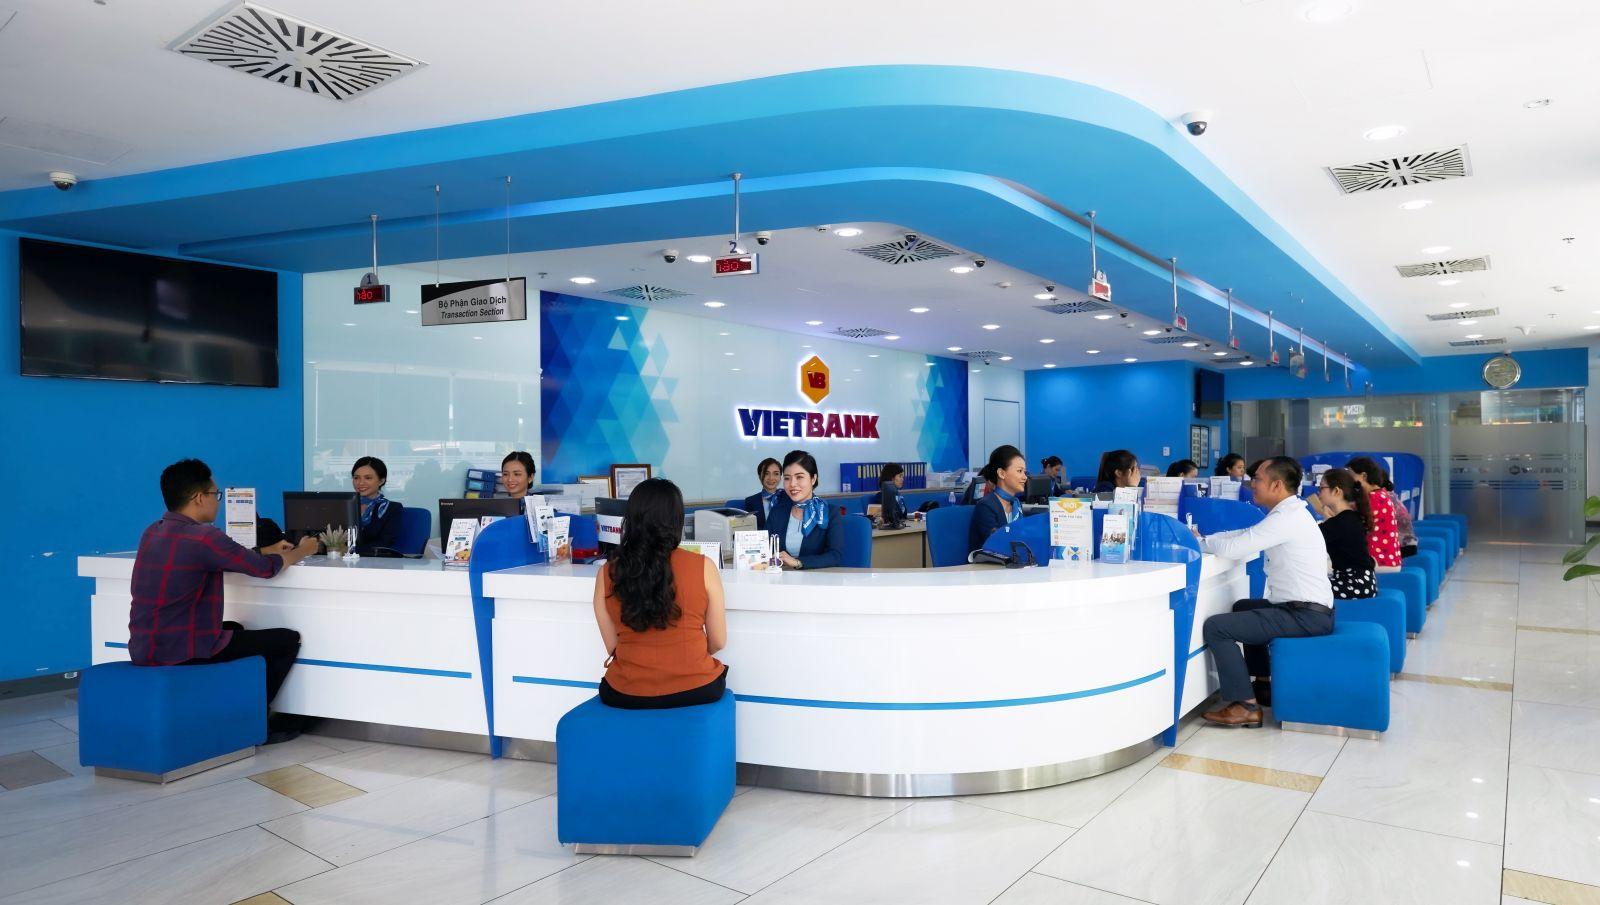 Vietbank tham vọng vào top 15 ngân hàng thương mại quy mô tổng tài sản lớn nhất vào năm 2025